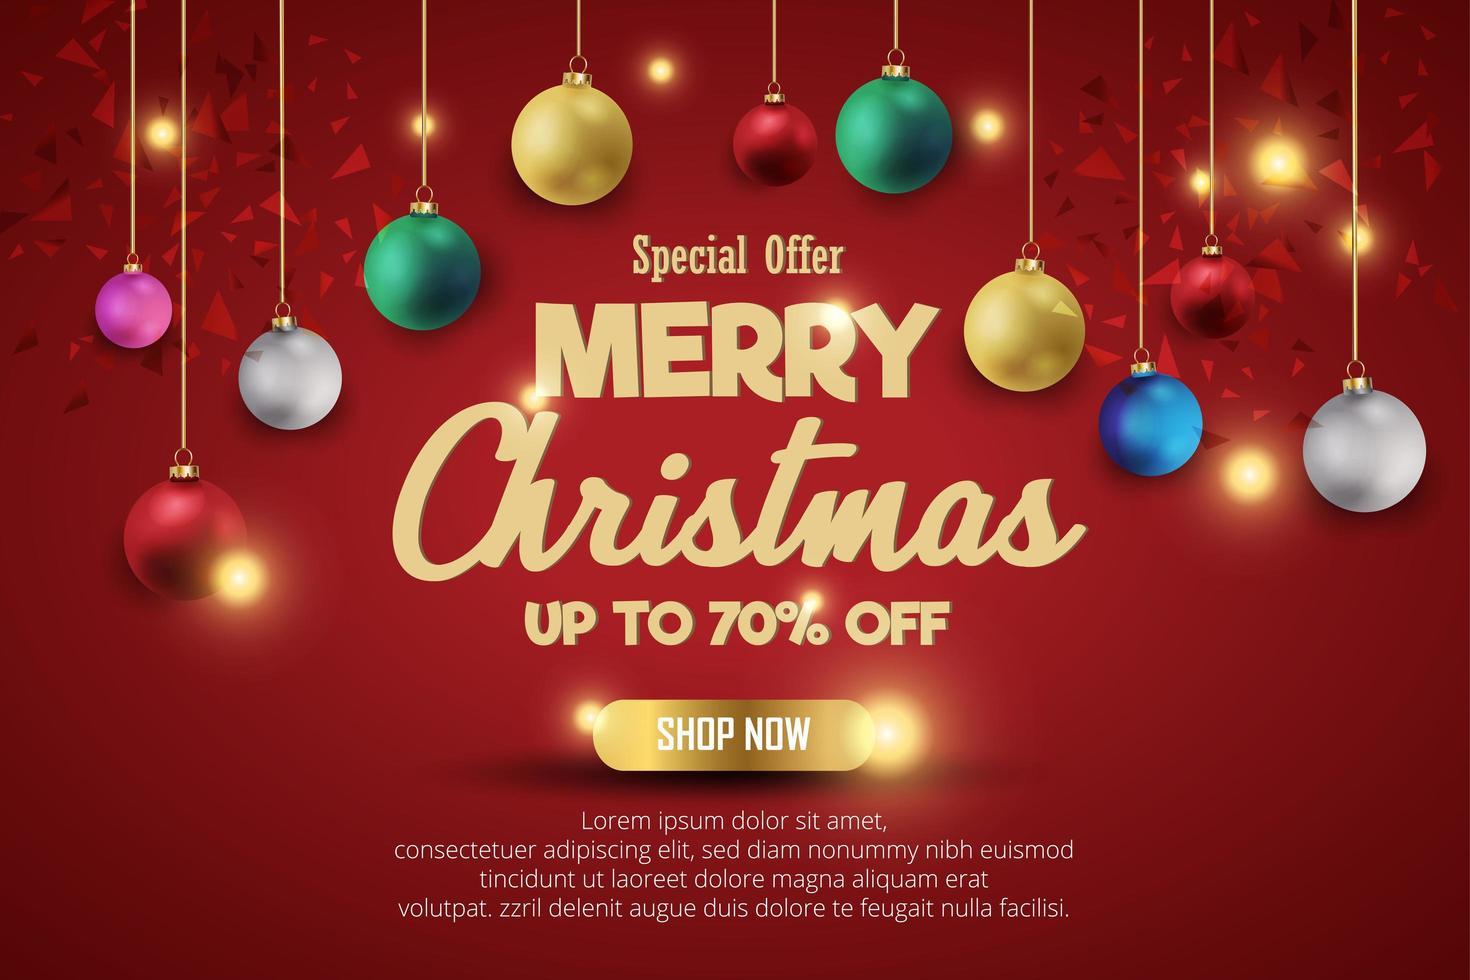 Banner de venta de Navidad para el producto actual sobre fondo rojo. envía un mensaje de texto a la tienda de feliz navidad ahora. vector